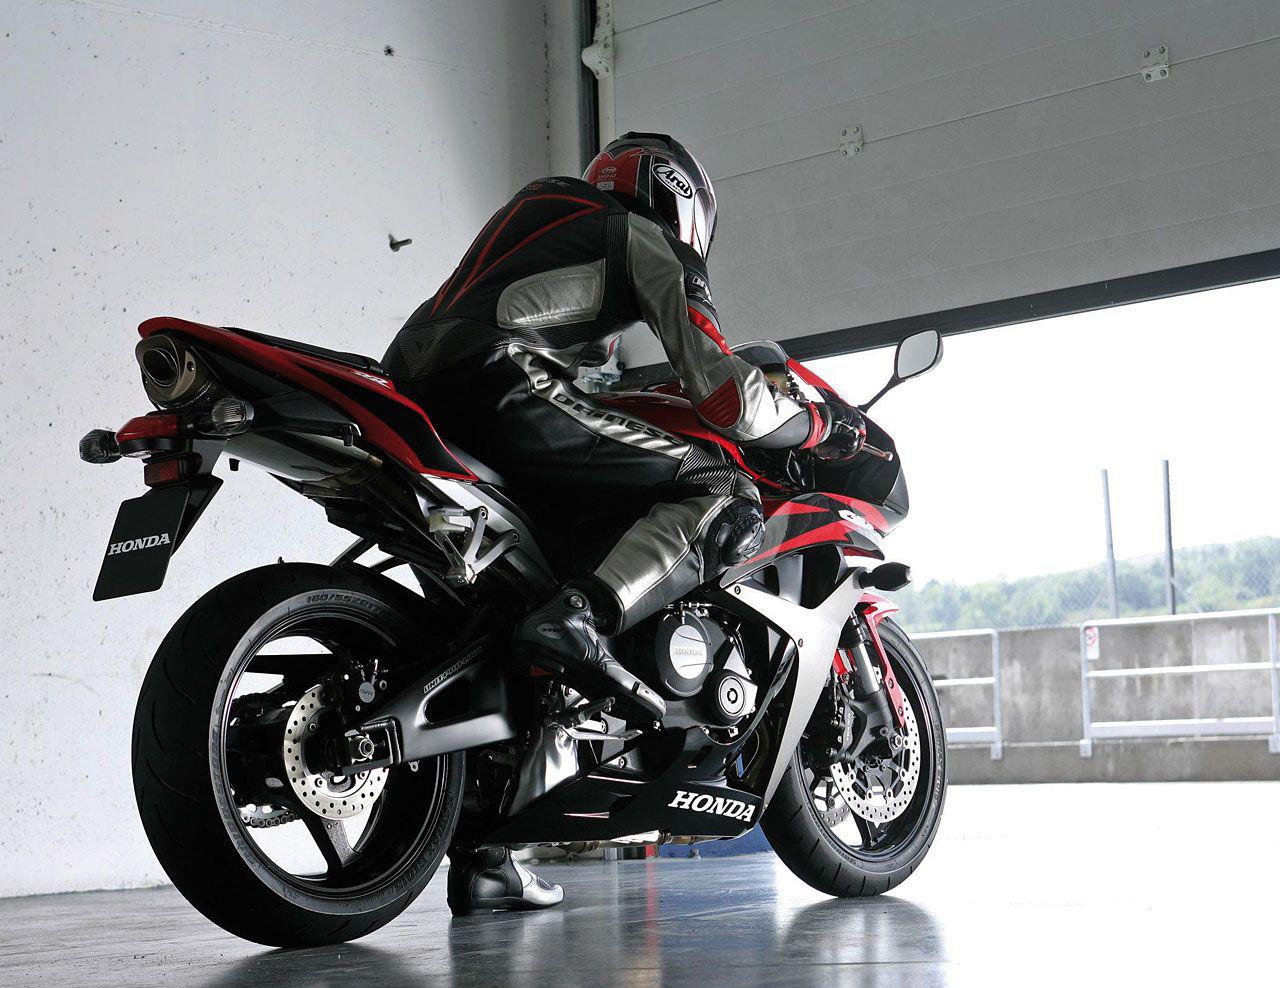 Фотоподборка спортивных мотоциклов  — звери, которых можно приручить